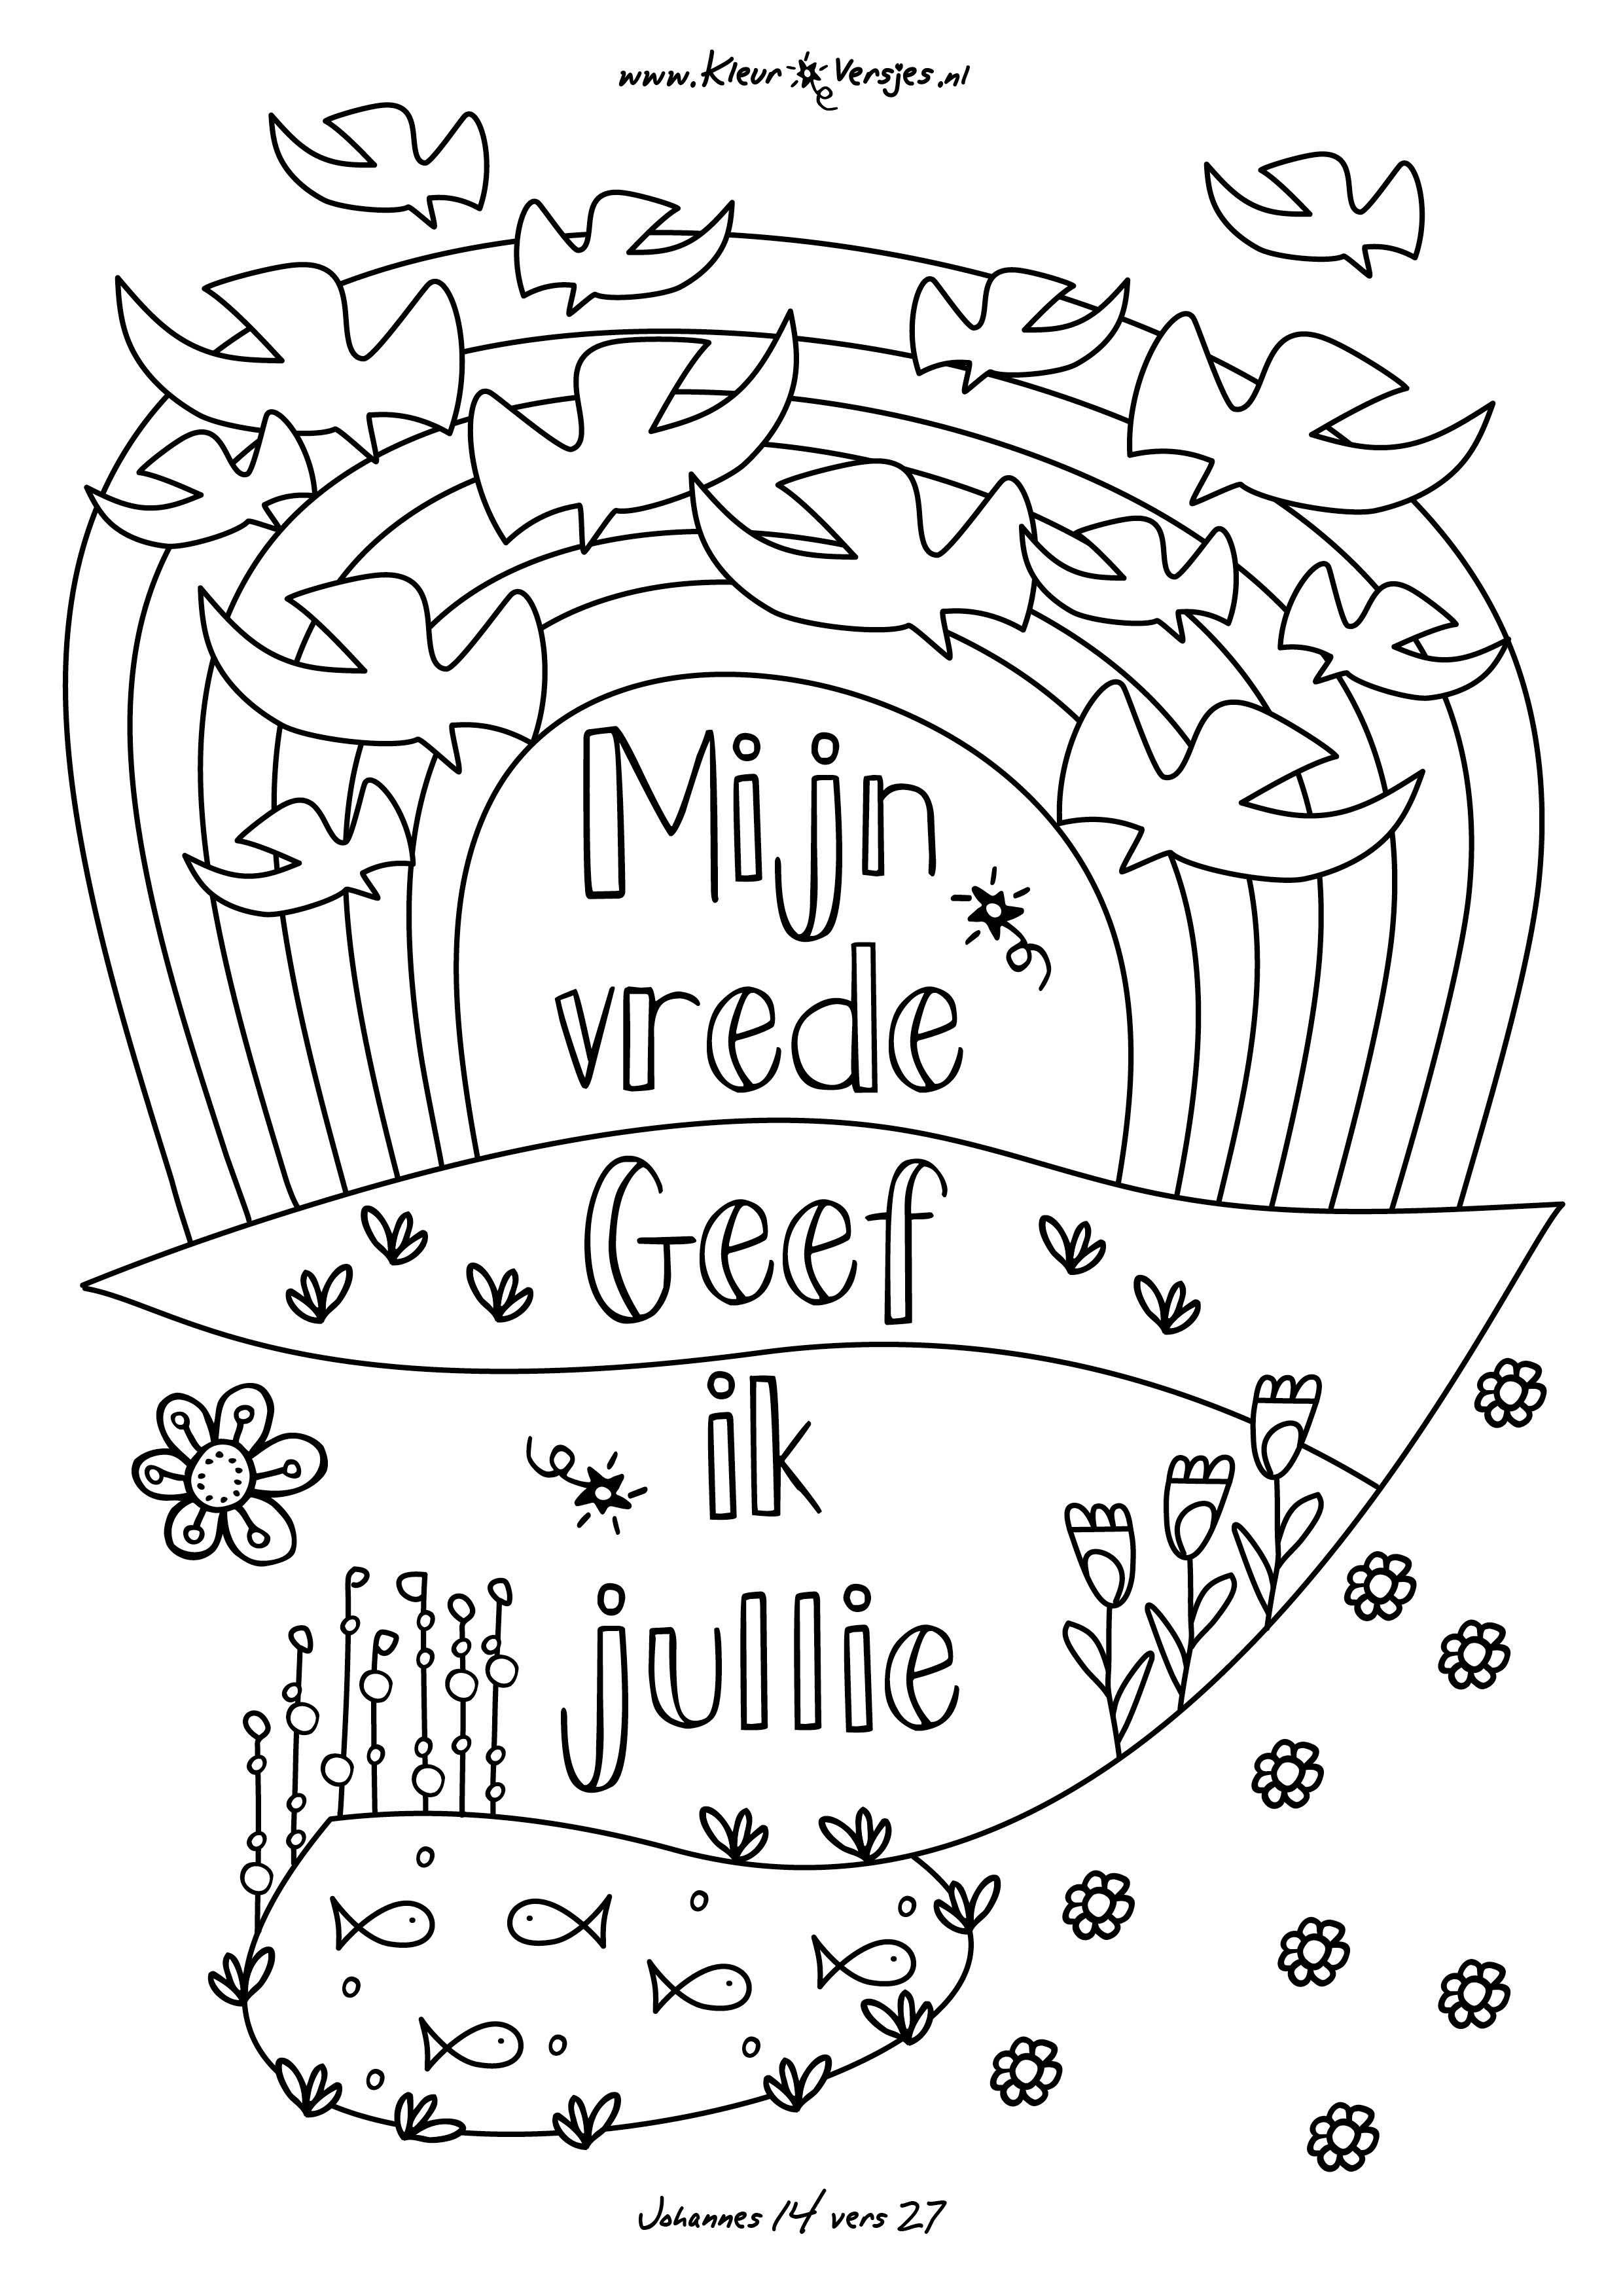 Kleurplaat Met Bijbeltekst 013 Mijn Vrede Geef Ik Jullie Kleurversjes Nl